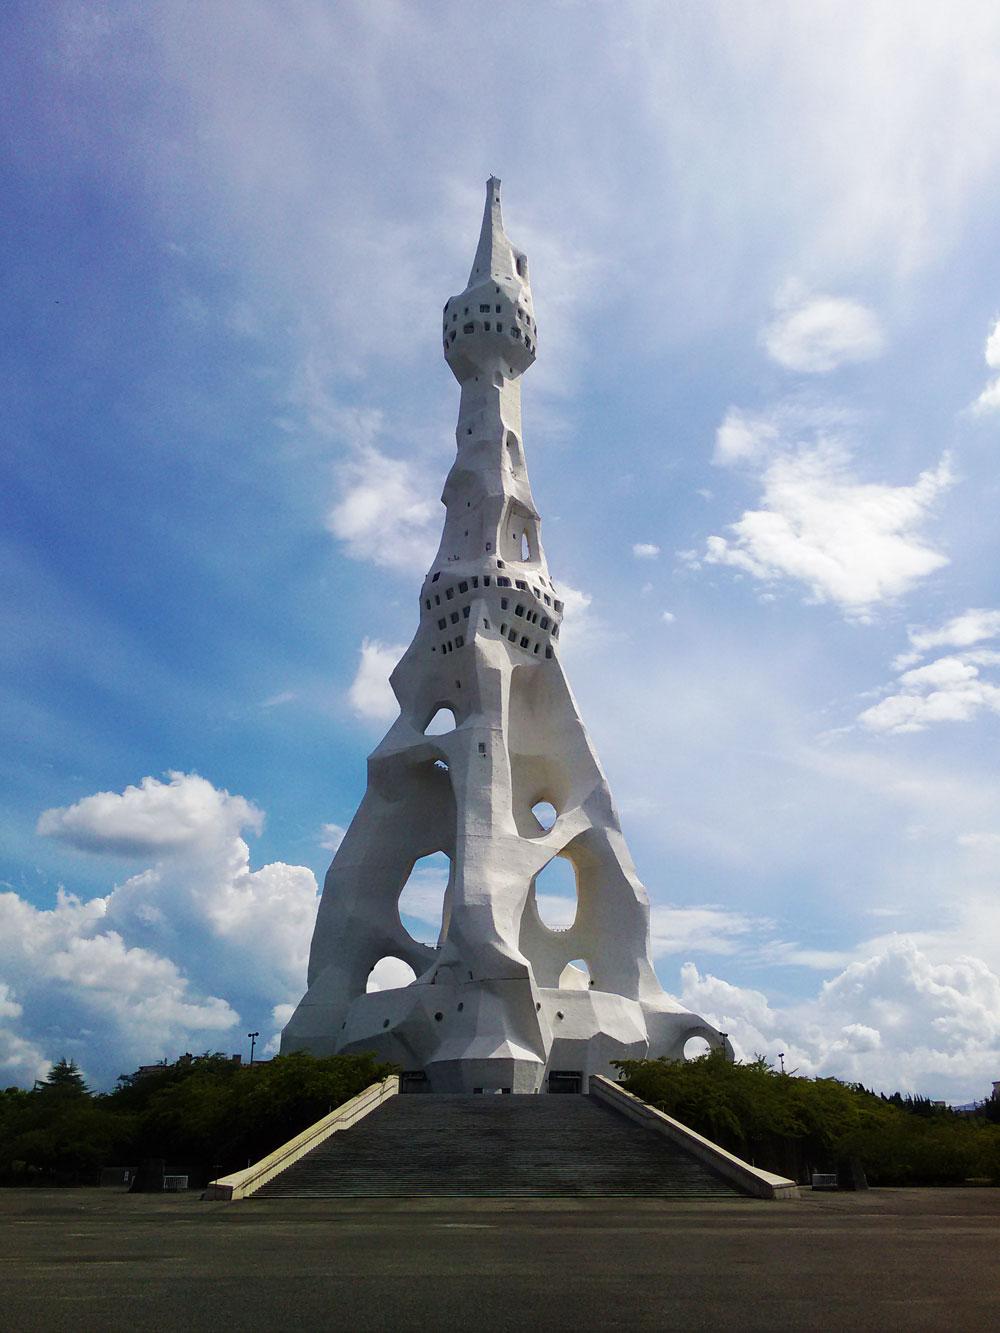 人間はそれぞれ自由に生きていい。PLの大平和祈念塔で自由であることの素晴らしさを感じた。